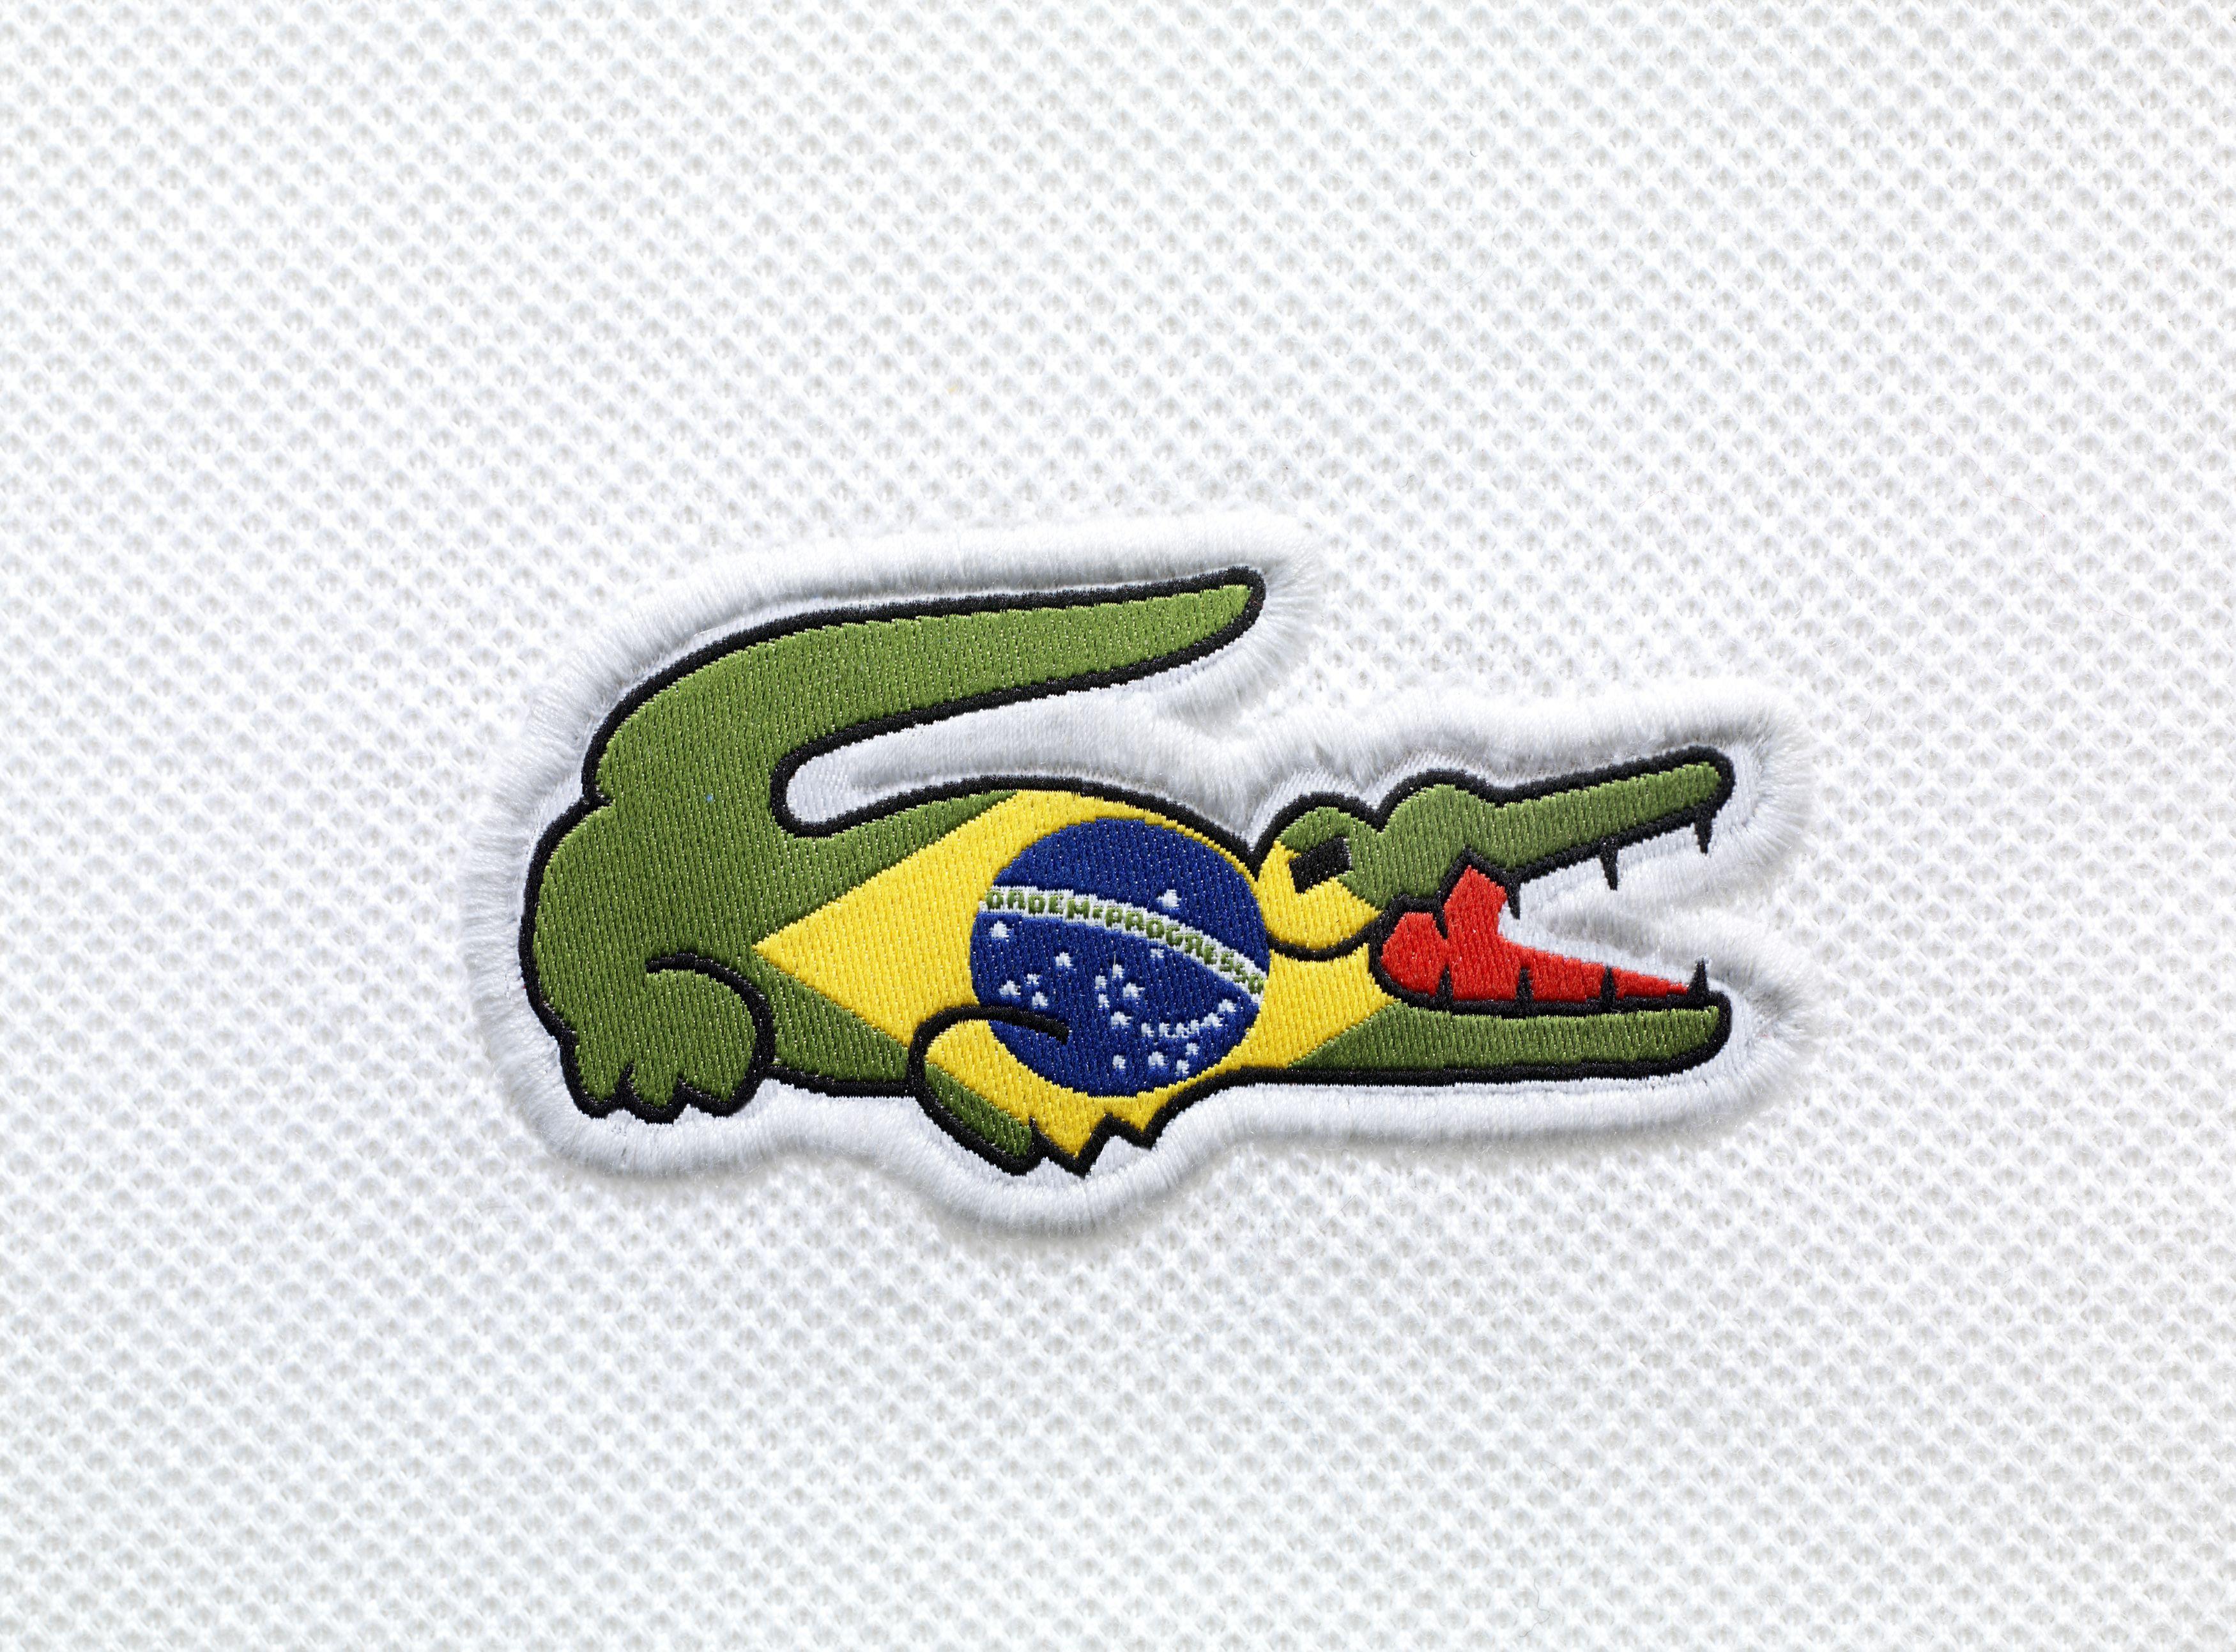 783516e49 Lacoste Croco Flag Polo Collection - Brazil